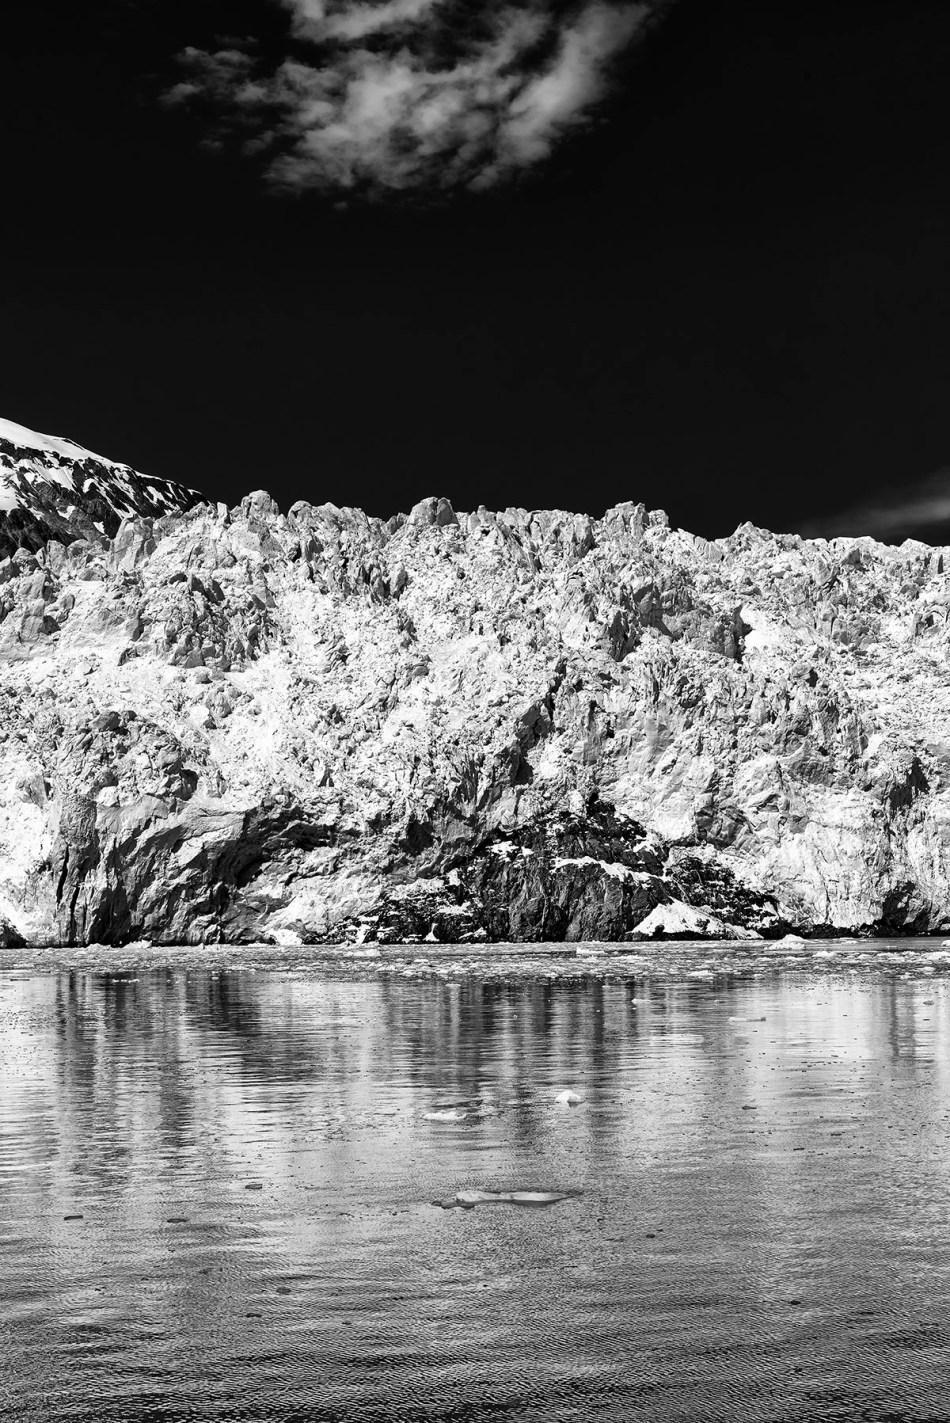 Aialik Glacier snout showing the bedrock beneath.